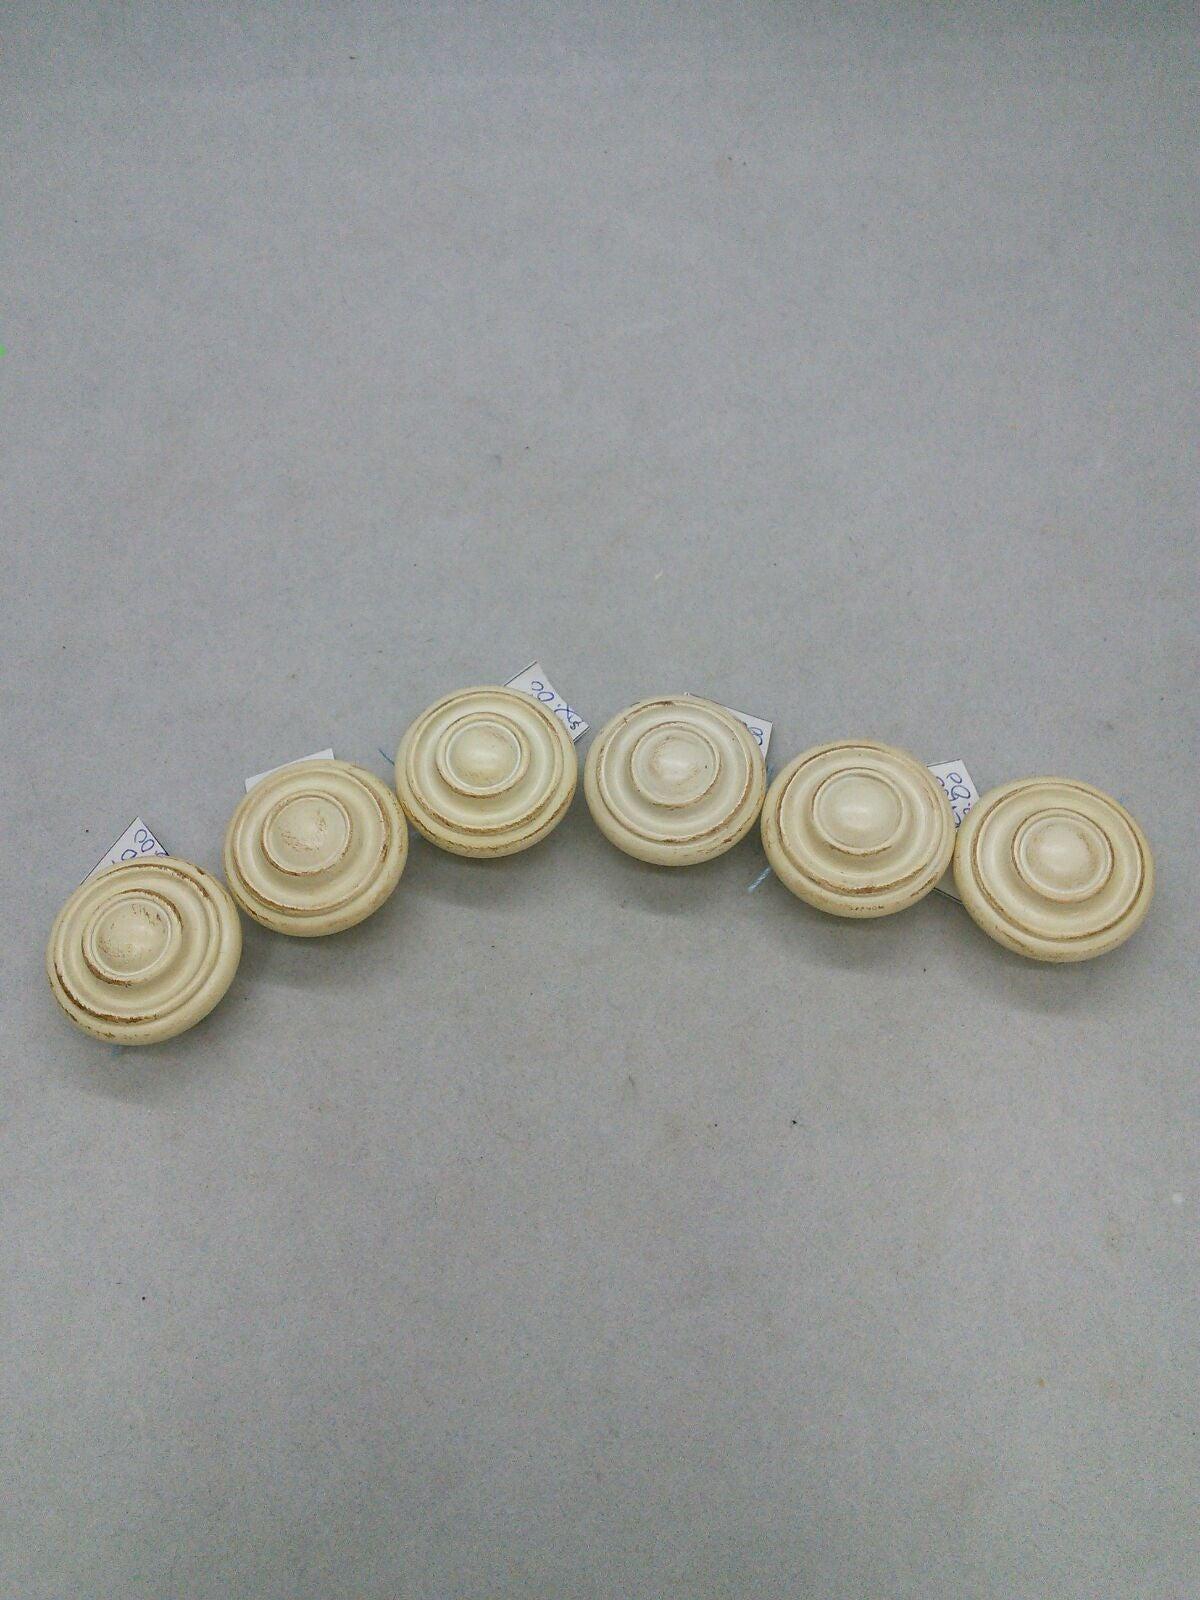 Set 6 Wood Knobs Pulls Painted